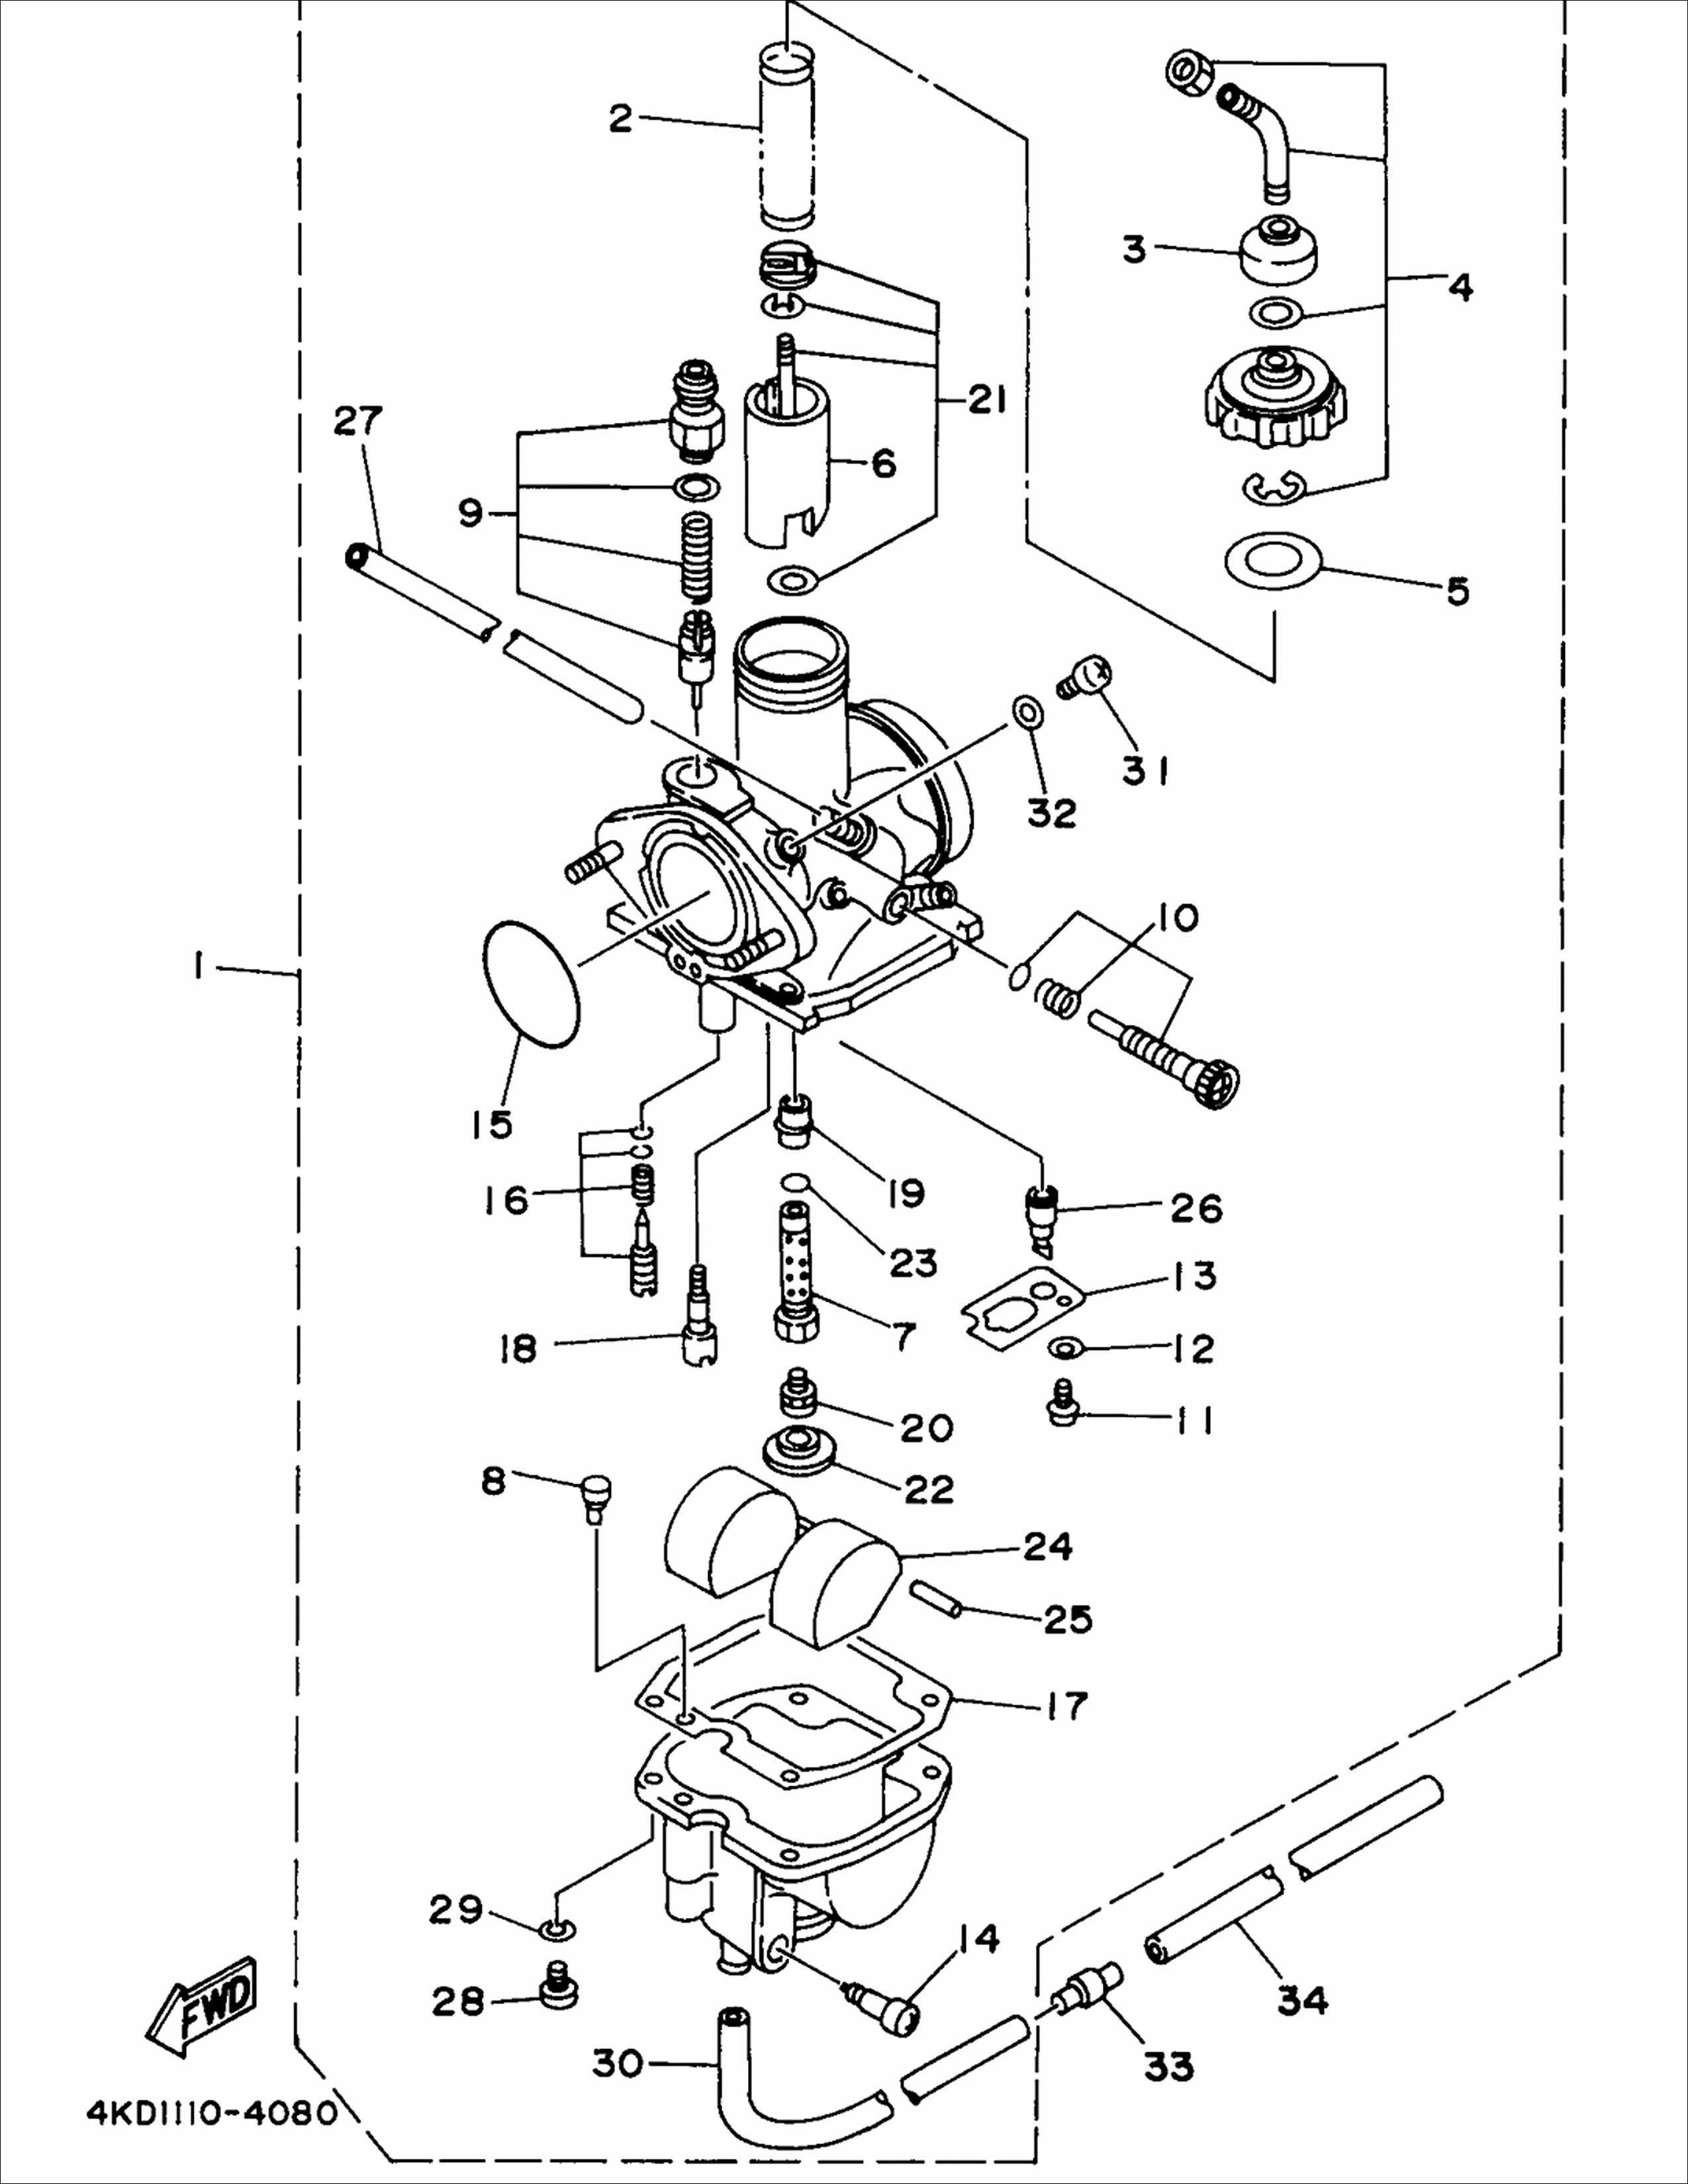 2000 Pontiac Montana Engine Diagram 1999 Pontiac Grand Am Engine Fuse Diagram Pontiac Wiring Diagrams Of 2000 Pontiac Montana Engine Diagram